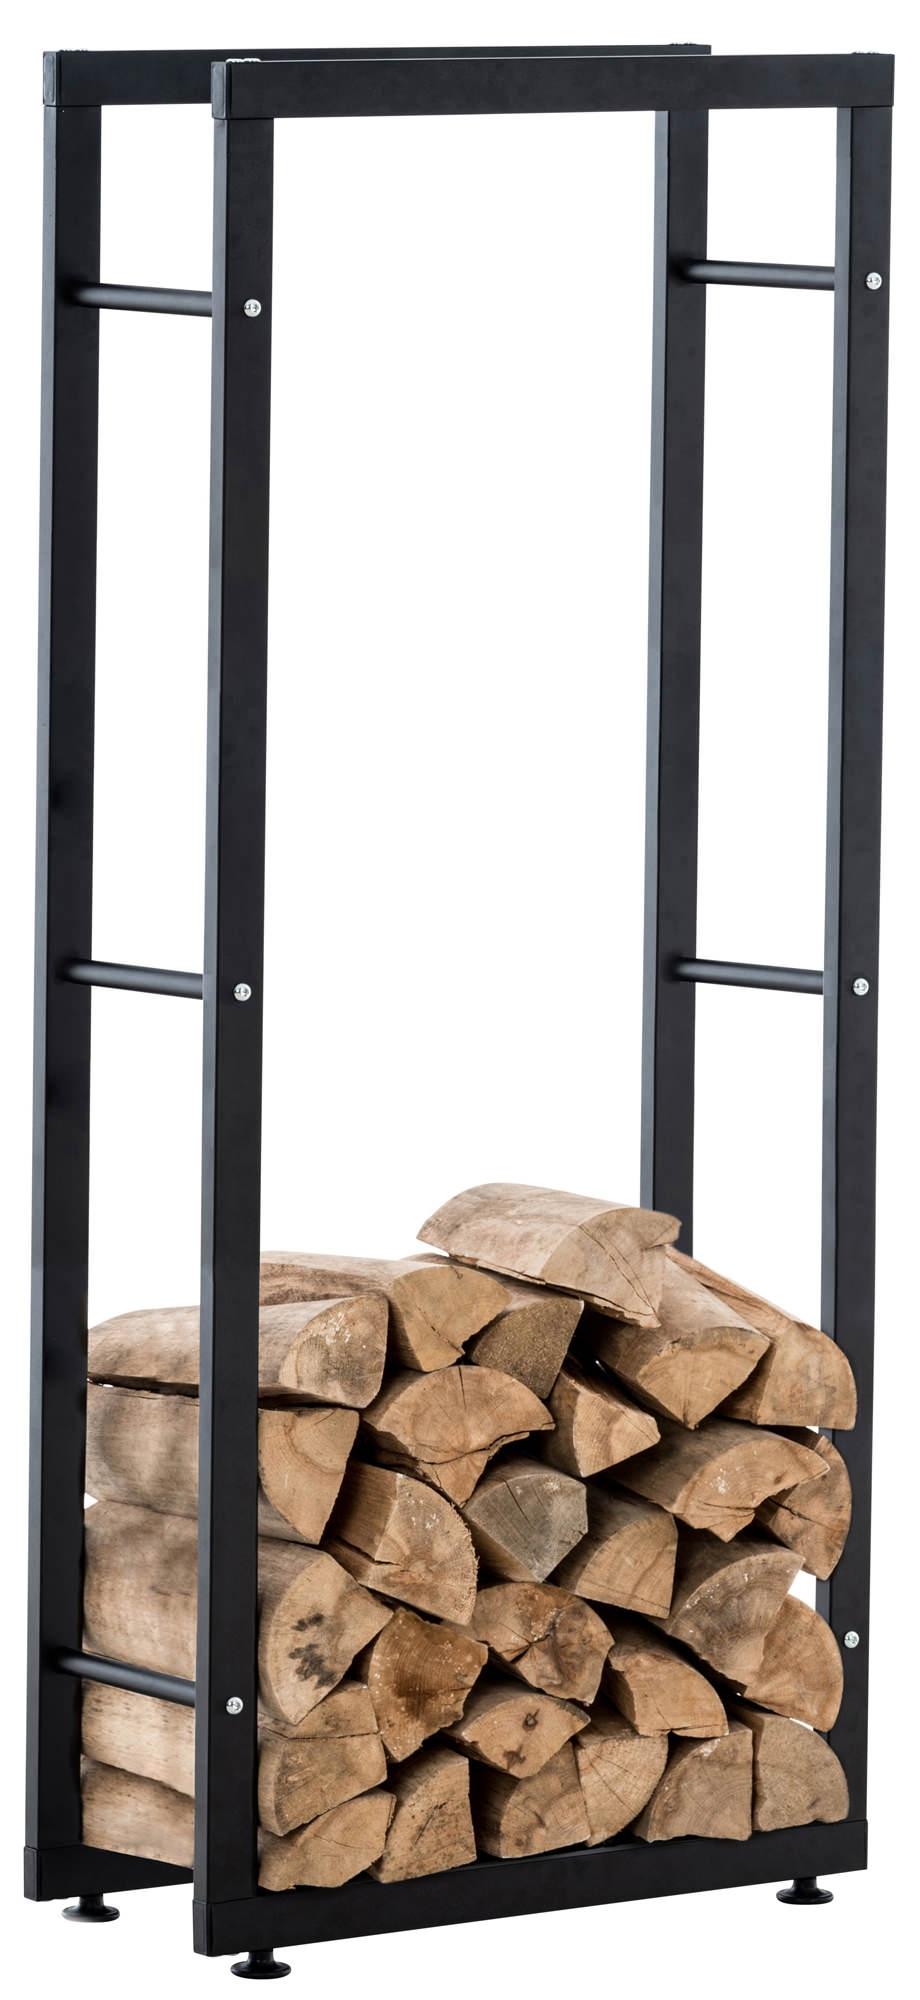 Kaminholzständer Keri V2-schwarz-25x40x100 cm günstig online kaufen